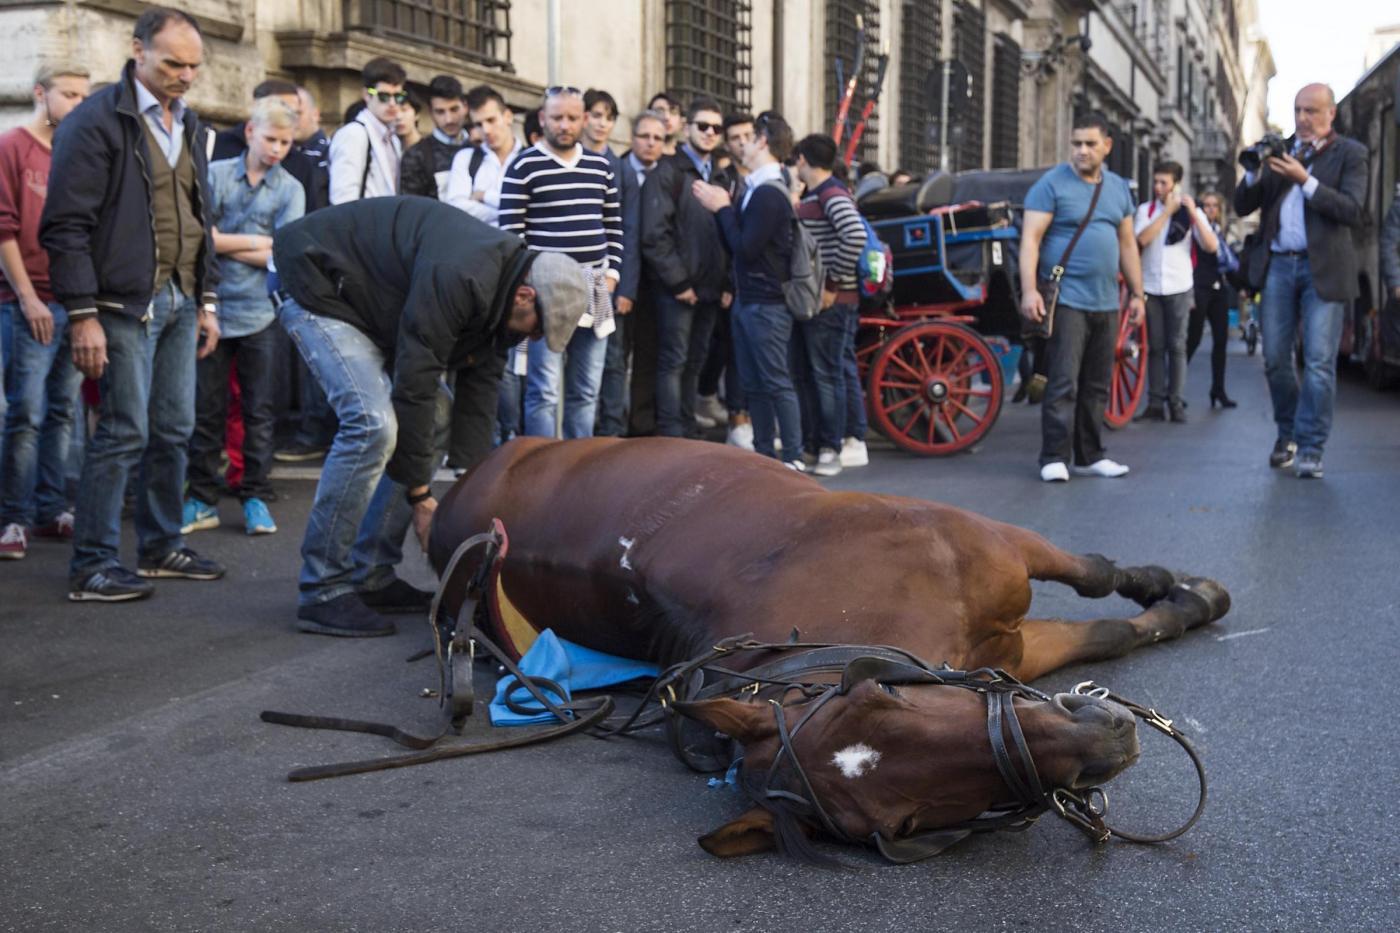 Cavallo sviene a pochi passi da palazzo chigi for Cavalli bolzano